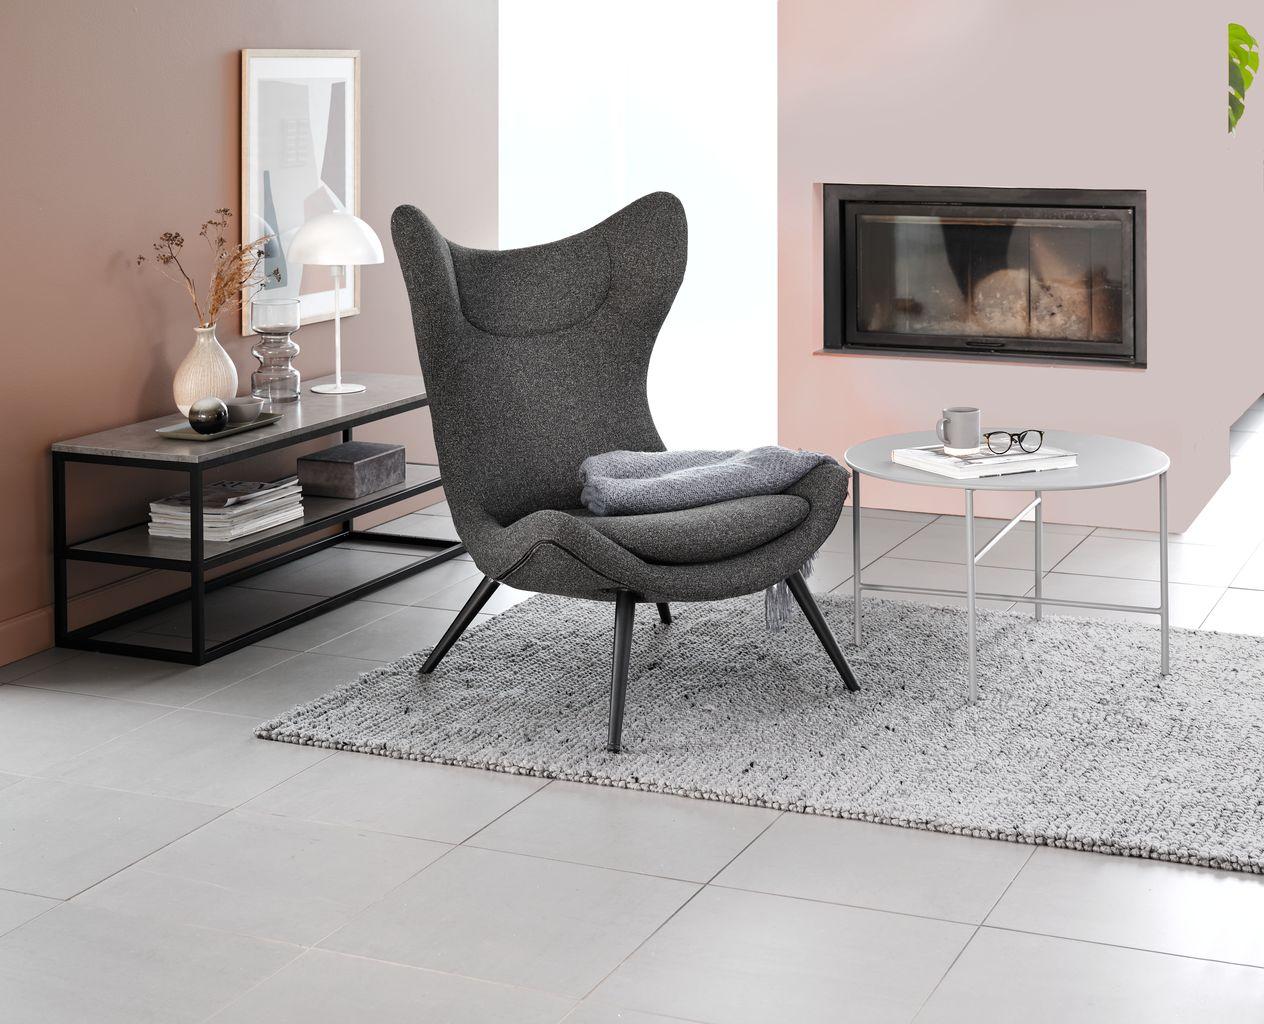 TV bord DOKKEDAL betongsvart | JYSK